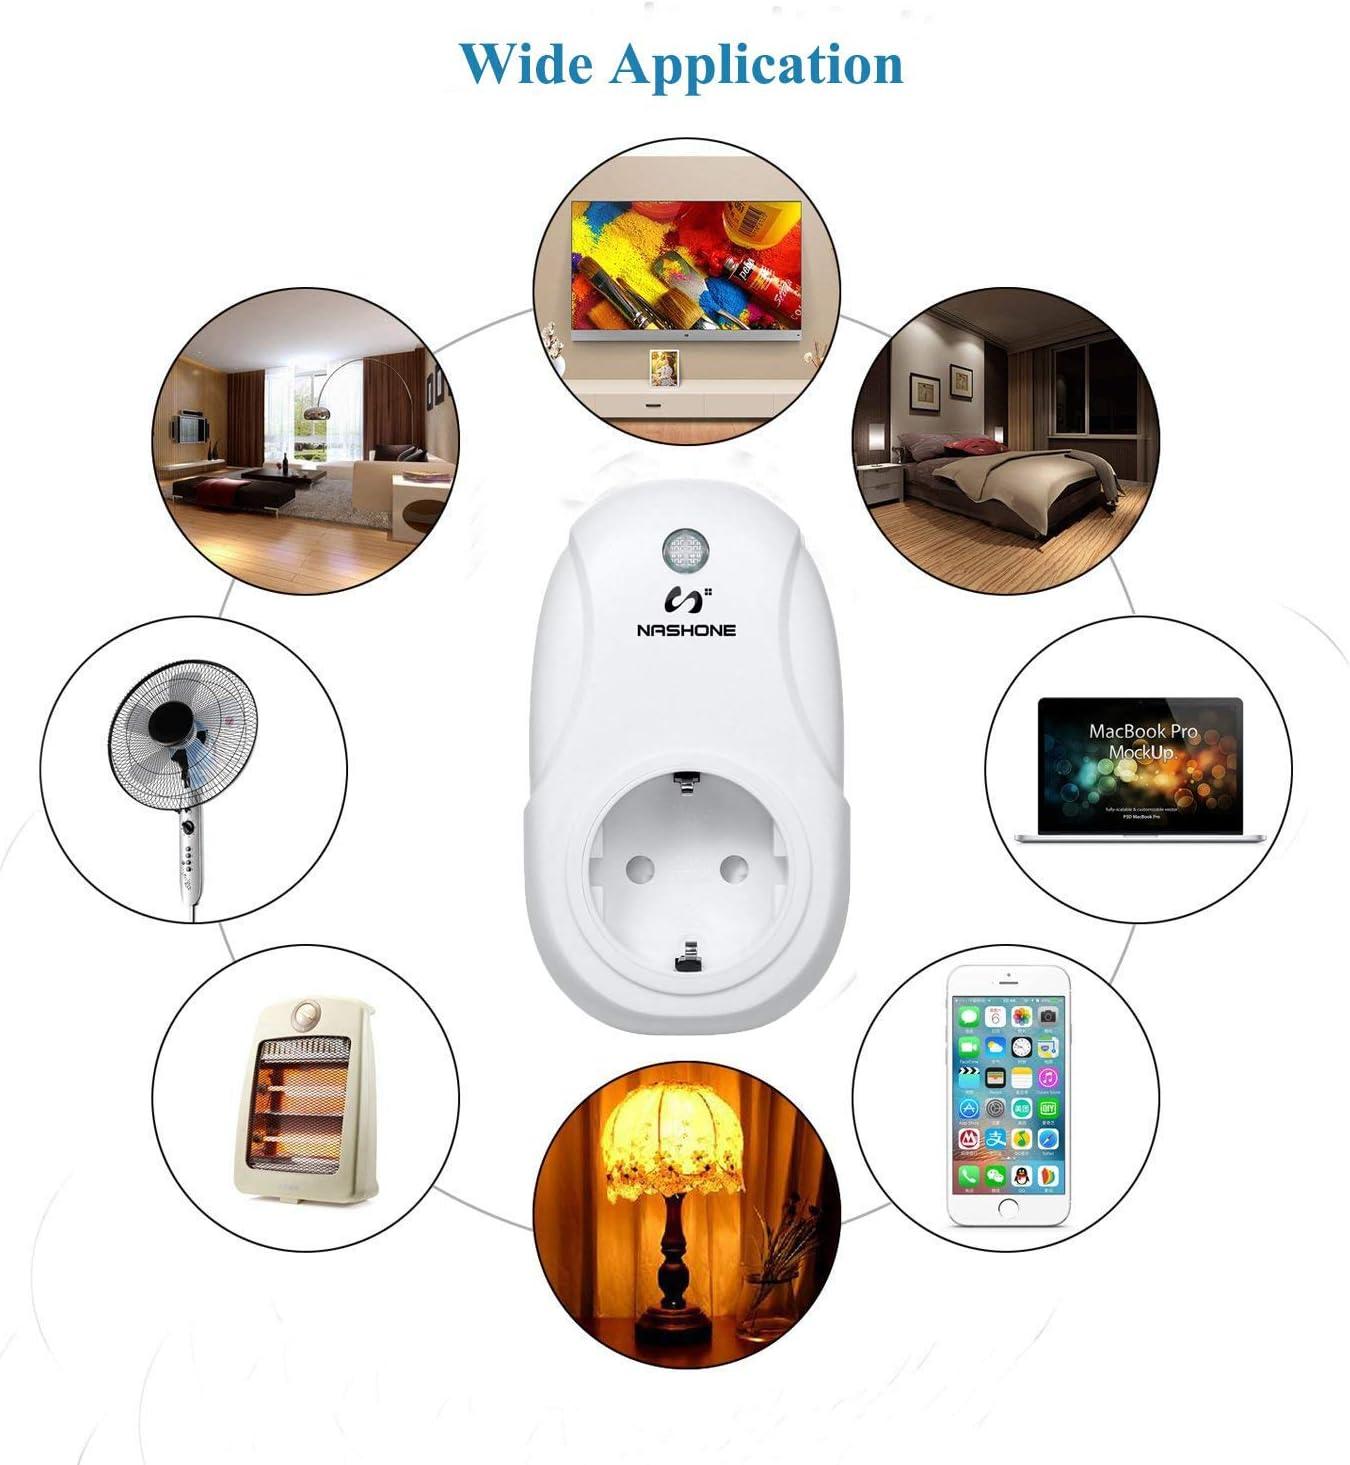 NASHONE Digital Wireless Thermostat RF Steckdose Fernbedienungs-Temperatursensor mit Heizungs- und K/ühlmodus LCD-Bildschirm mit wei/ßer Hintergrundbeleuchtung